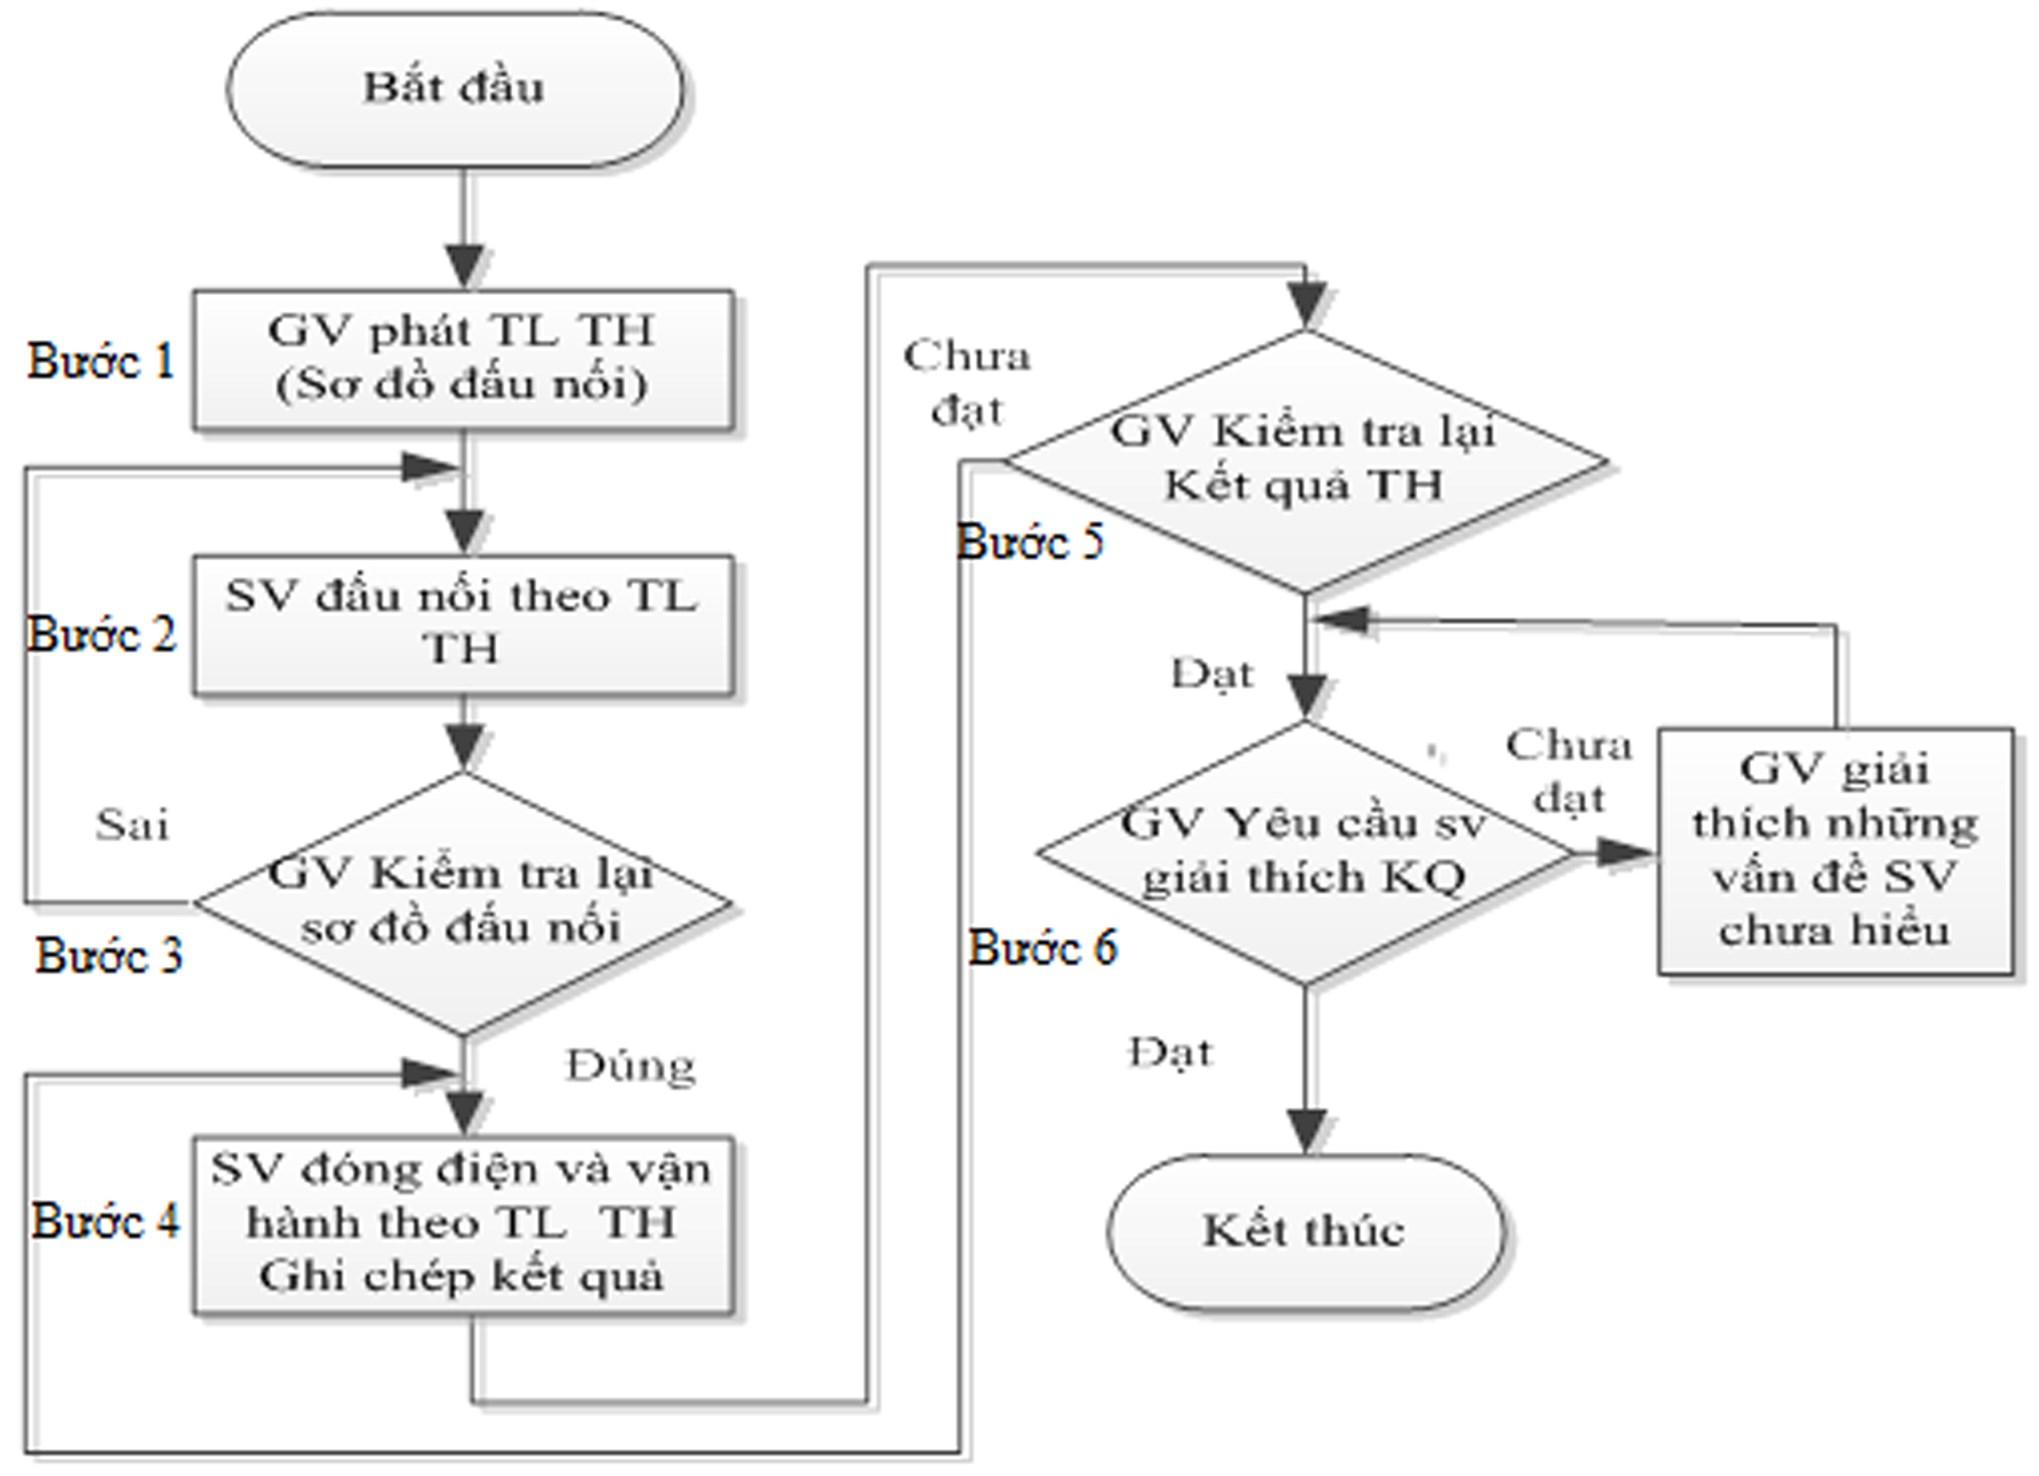 Ứng dụng mô hình đảo ngược trong đào tạo thực hành tại khoa điện, Trường Đại học Công nghiệp Hà Nội